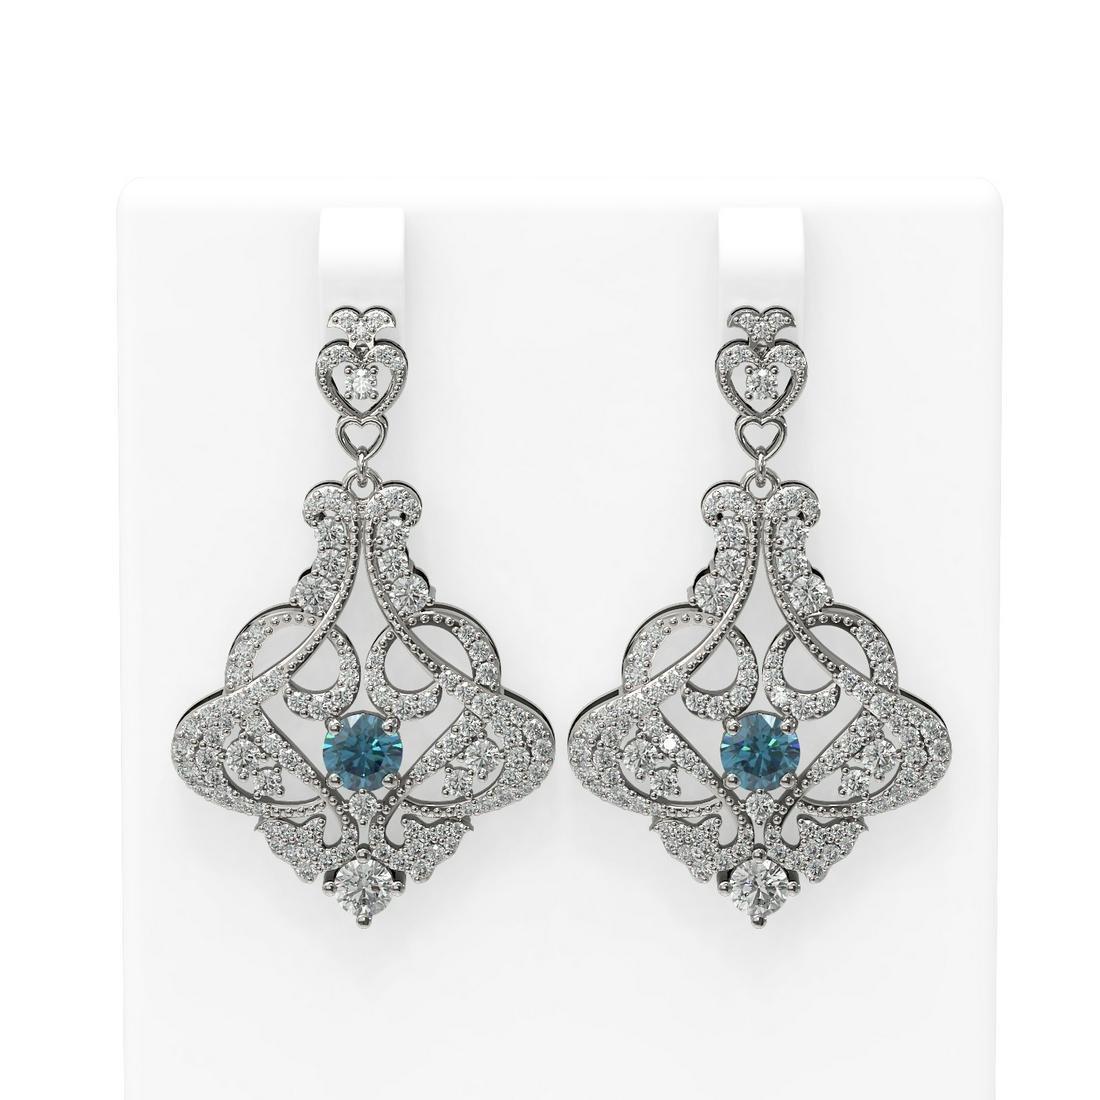 5.13 ctw Intense Blue Diamond Earrings 18K White Gold